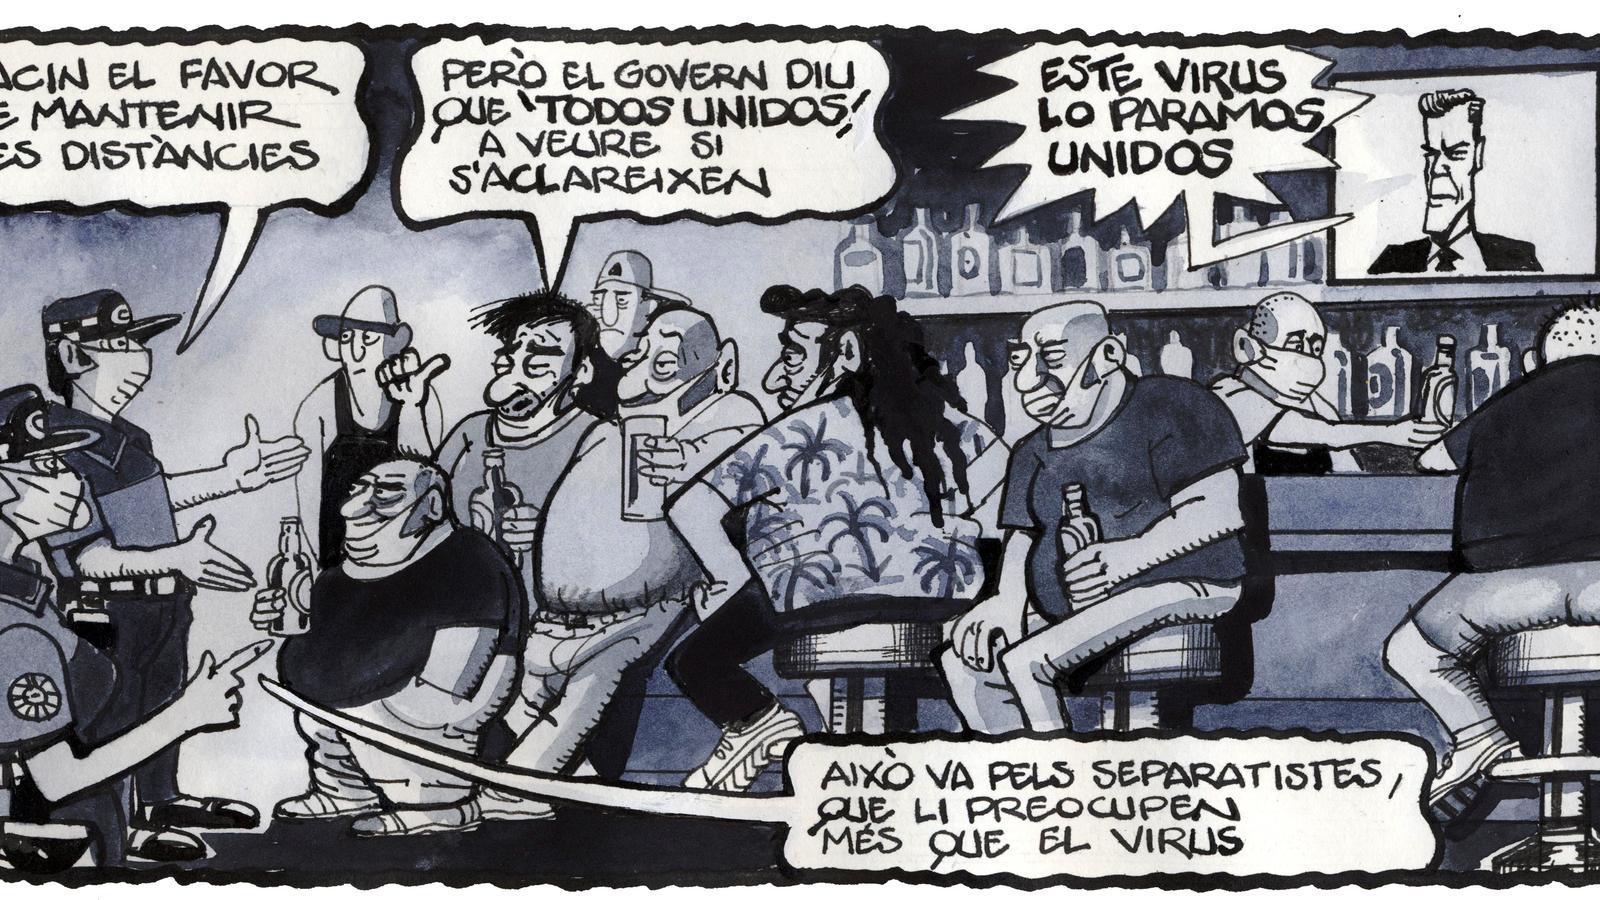 'A la contra', per Ferreres 25/09/2020